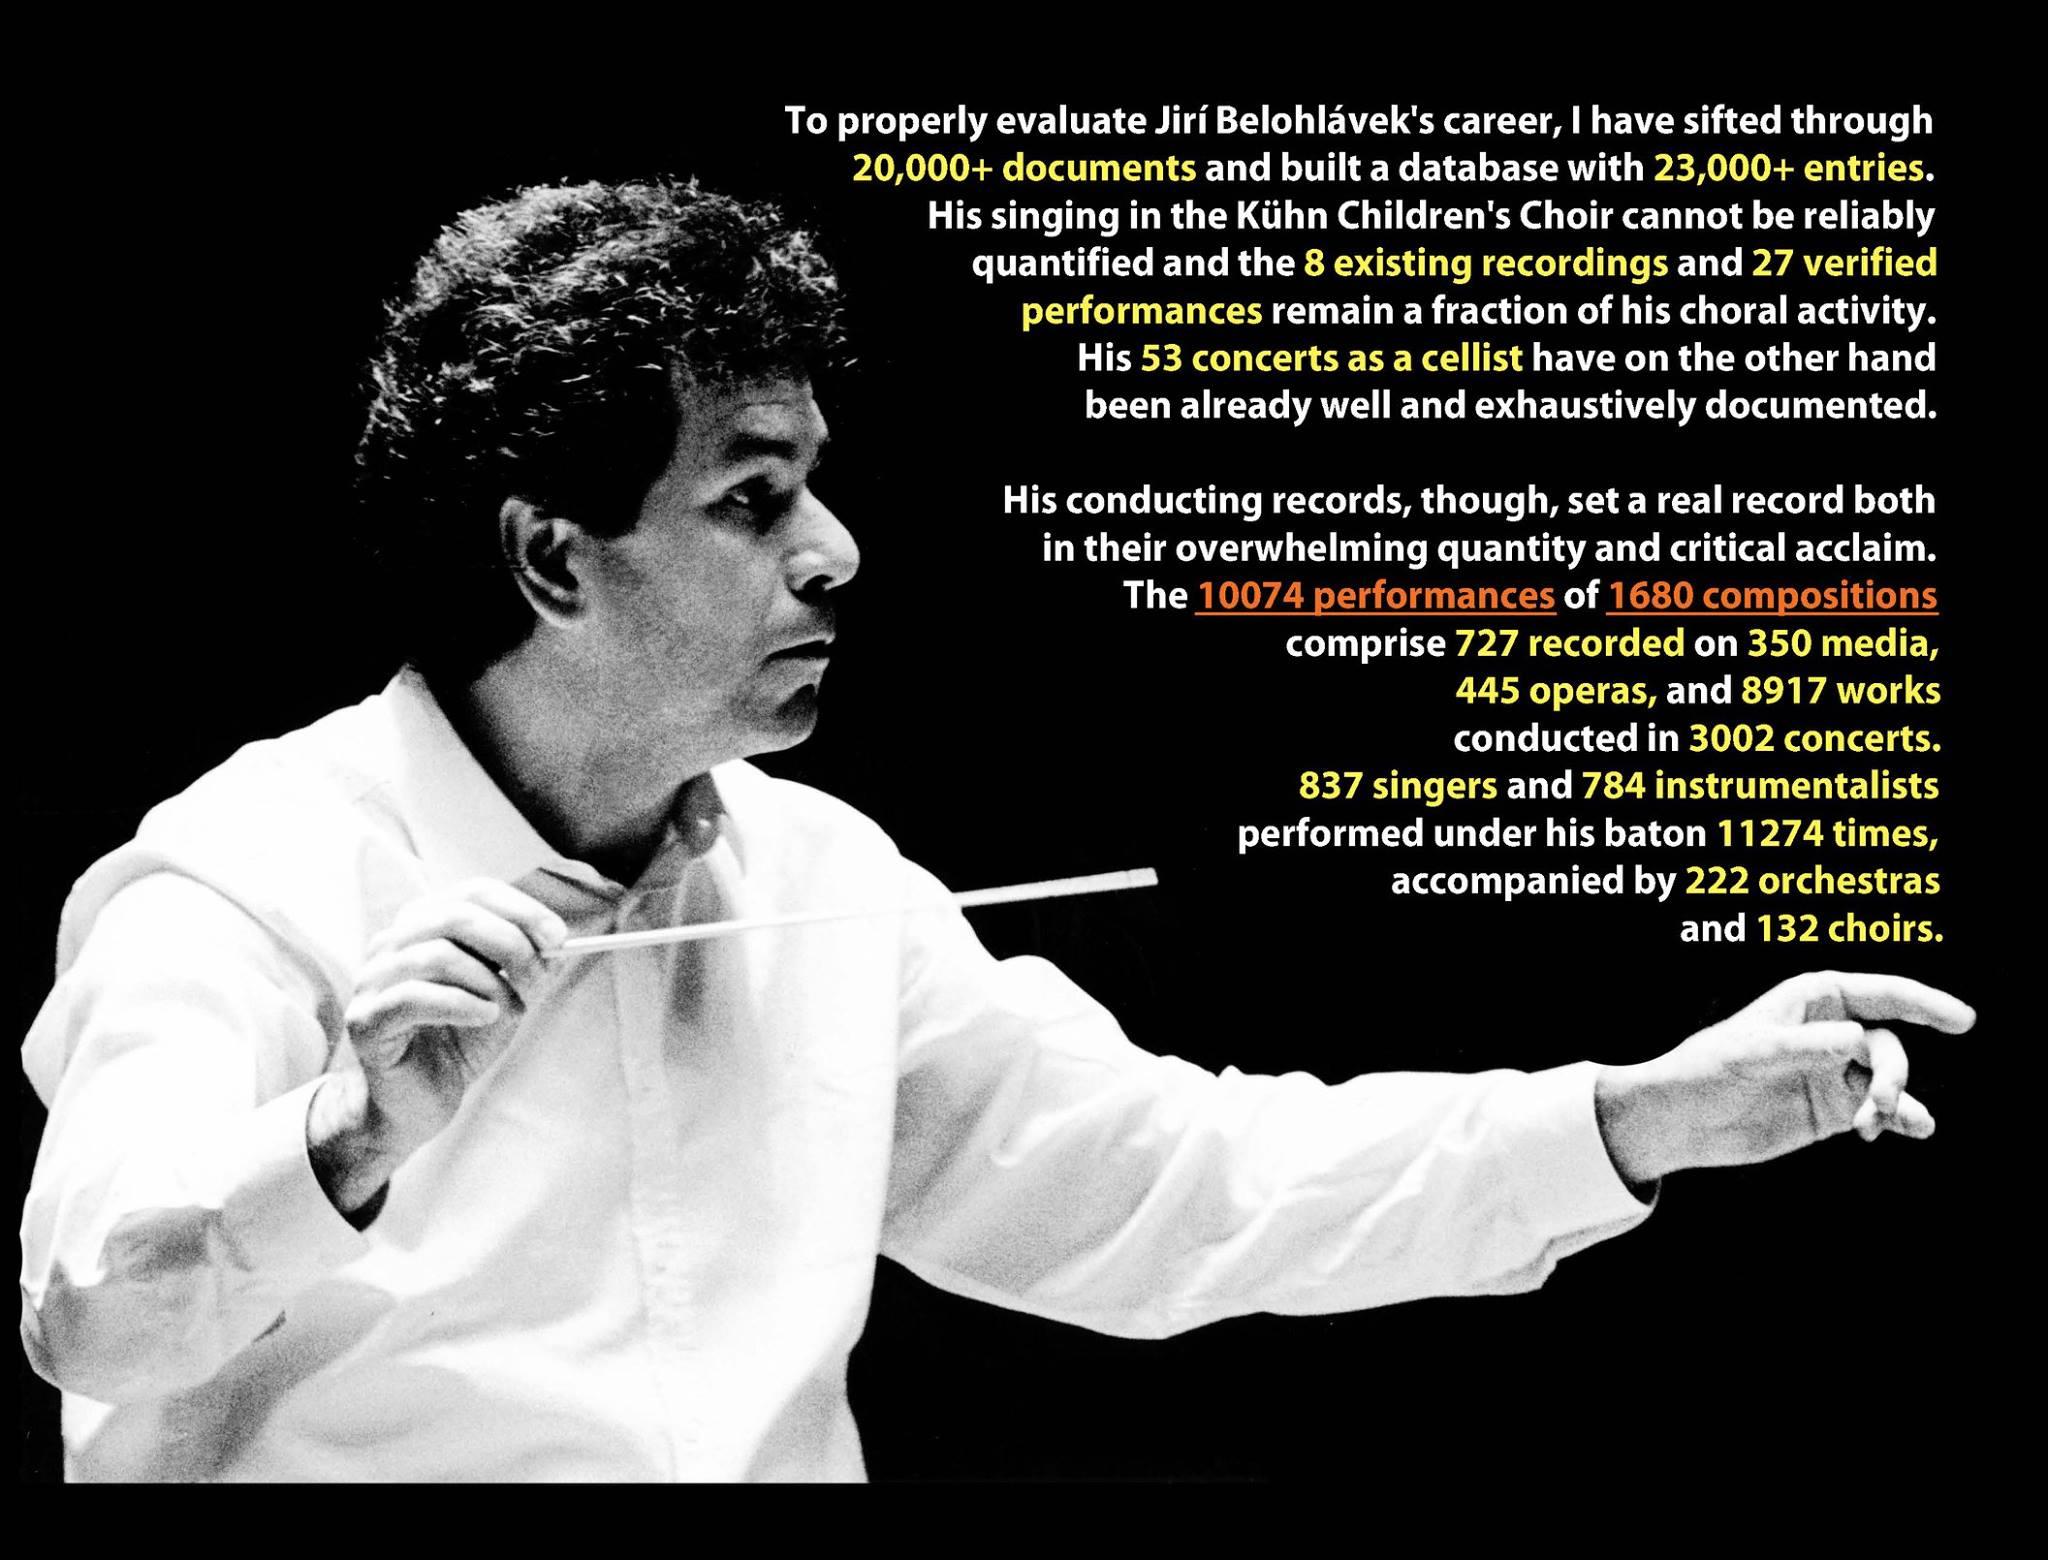 The 10,074 concerts of Jiri Belohlavek